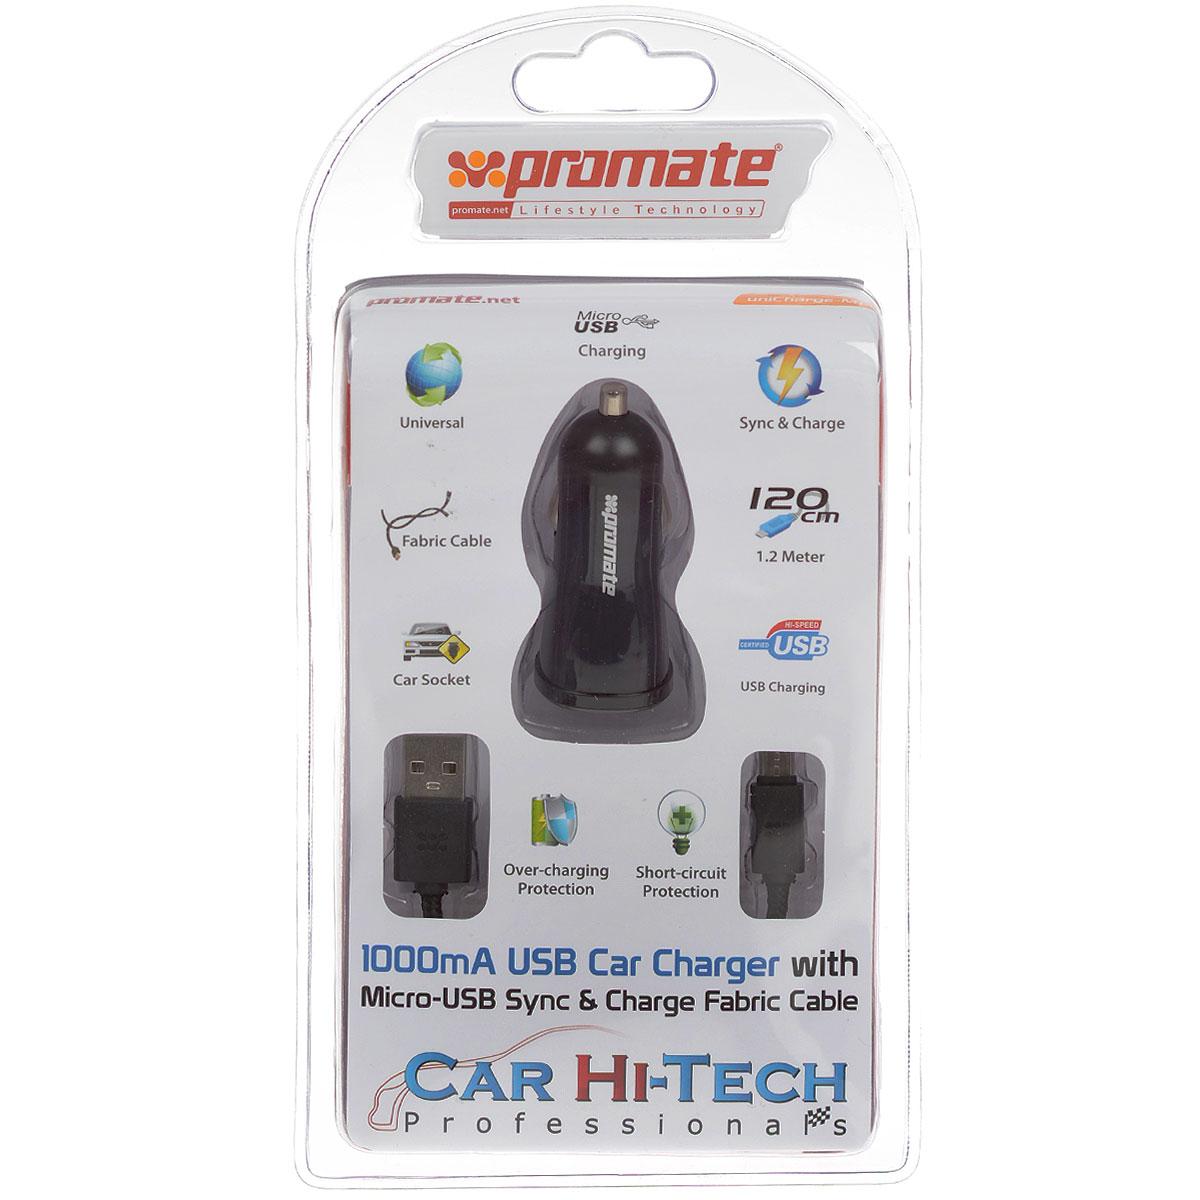 Устройство зарядное Promate uniCharge-M1, с кабелем00007504Promate uniCharge-M1 представляет собой комплект из зарядного устройства с 1А USB портом и кабеля с разъемом USB и Micro-USB на противоположных концах. Оплетка кабеля выполнена из ткани и обладает повышенной термостойкостью и износостойкостью. Promate uniCharge-M1 является универсальным зарядным устройством для всех USB заряжаемых устройств с портом Micro-USB в вашем автомобиле. Сила тока: 1000 мА. Длина кабеля: 1,2 м.